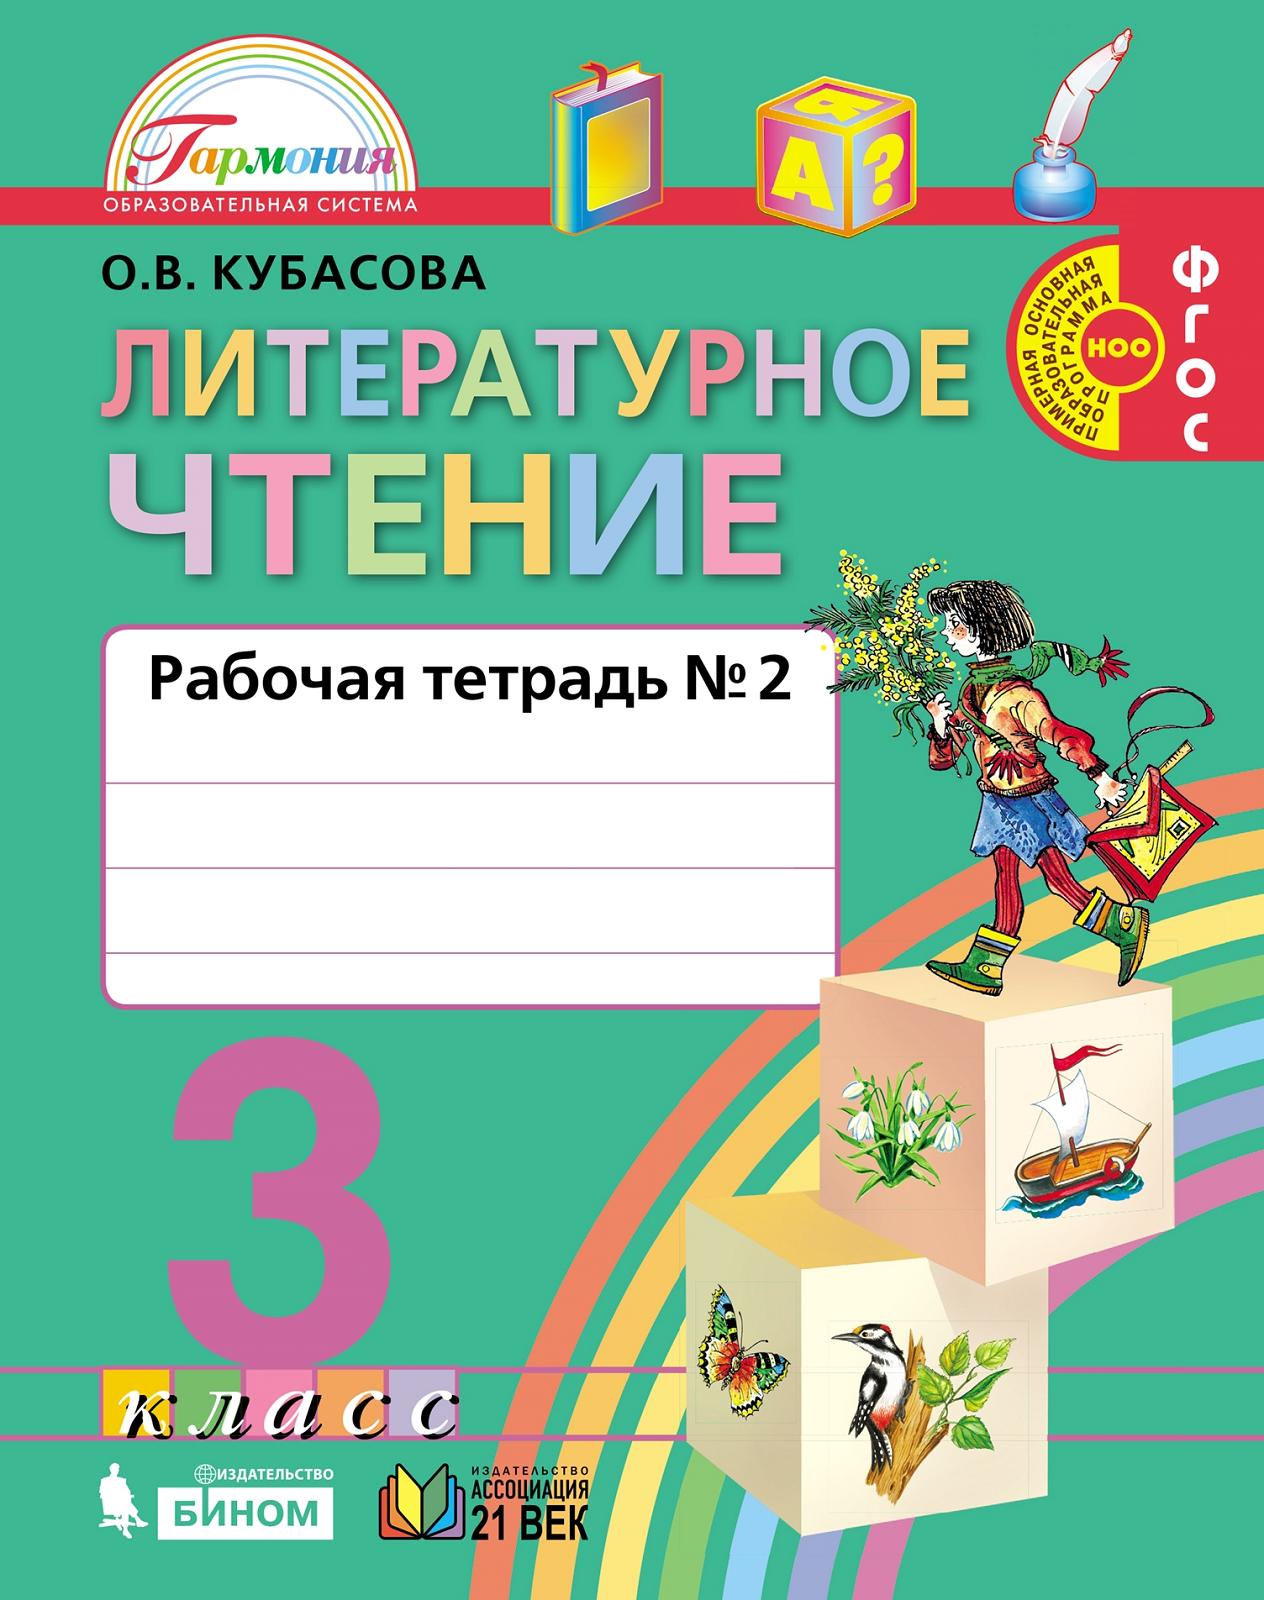 Литературное чтение 3кл ч2[Раб. тетрадь] ФГОС